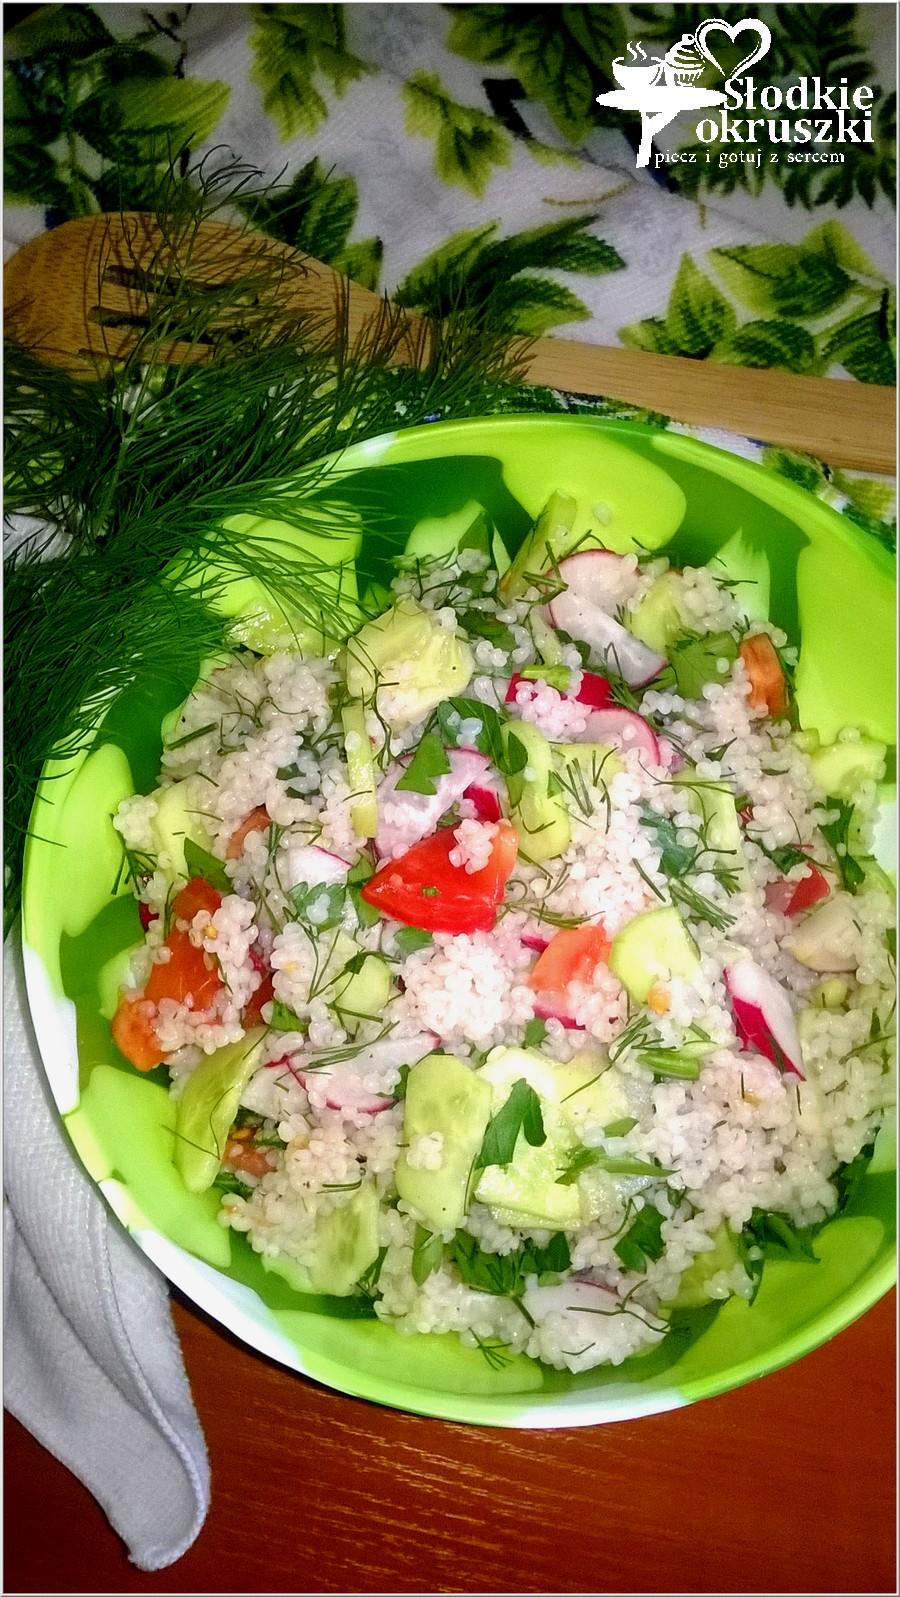 Zdrowa sałatka z kaszą jęczmienną i warzywami (1)